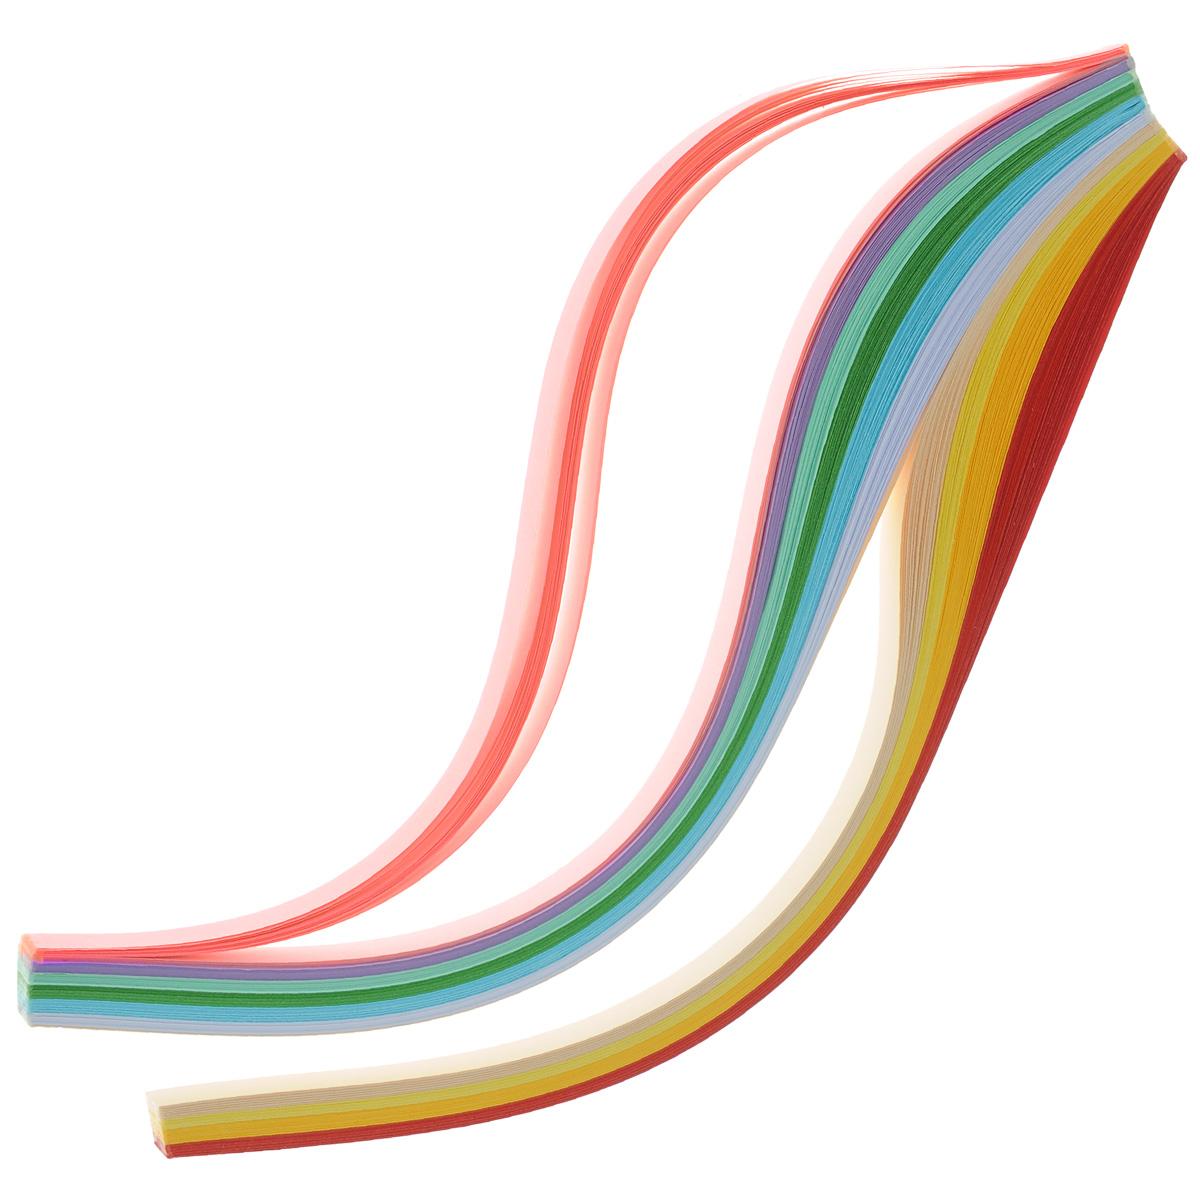 Набор бумаги для квиллинга АртНева, ширина 10 мм, 250 листов688919Бумага для квиллинга АртНева - это порезанные специальным образом полоски бумаги определенной плотности. Такая бумага пластична, не расслаивается, легко и равномерно закручивается в спираль, благодаря чему готовым спиралям легче придать форму. В наборе - 250 полосок бумаги десяти разных цветов.Квиллинг (бумагокручение) - техника изготовления плоских или объемных композиций из скрученных в спиральки длинных и узких полосок бумаги. Из бумажных спиралей создаются необычные цветы и красивые витиеватые узоры, которые в дальнейшем можно использовать для украшения открыток, альбомов, подарочных упаковок, рамок для фотографий и даже для создания оригинальных бижутерий. Это простой и очень красивый вид рукоделия, не требующий больших затрат. Количество цветов: 10.Ширина полоски бумаги: 10 мм.Длина полоски бумаги: 29,7 см.Плотность бумаги: 80 г/м2.